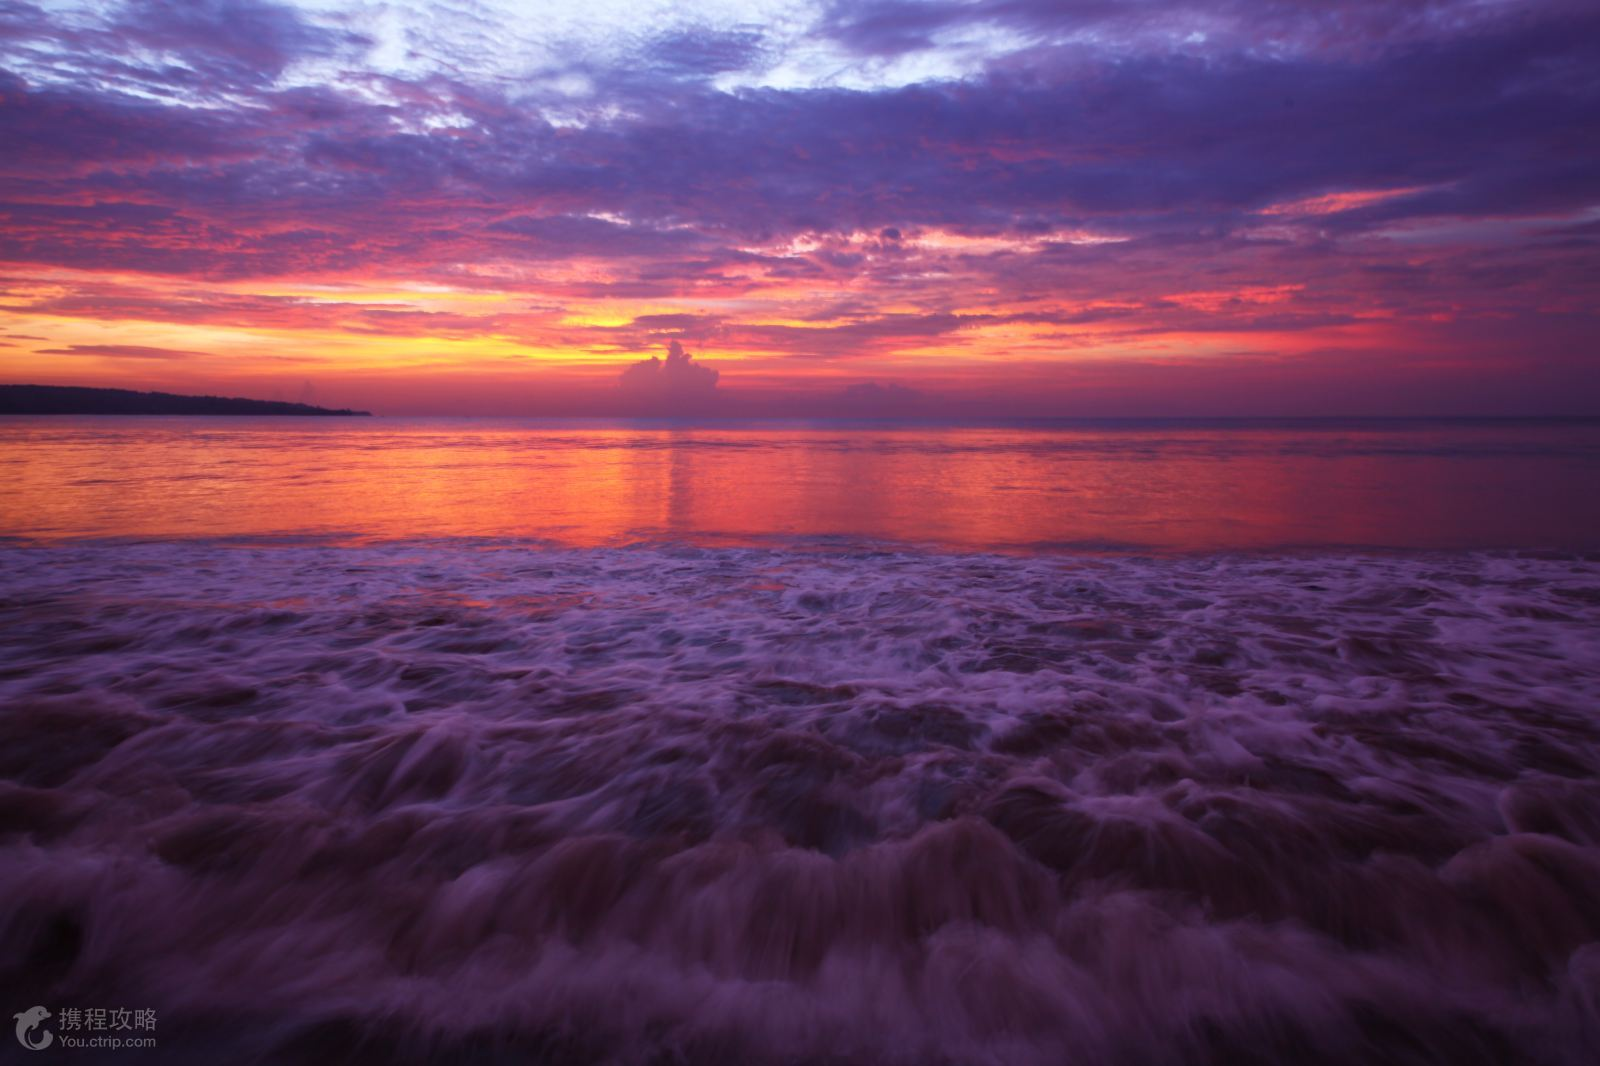 印度尼西亚巴厘岛5日4晚半自助游·鹰航直飞+全程国